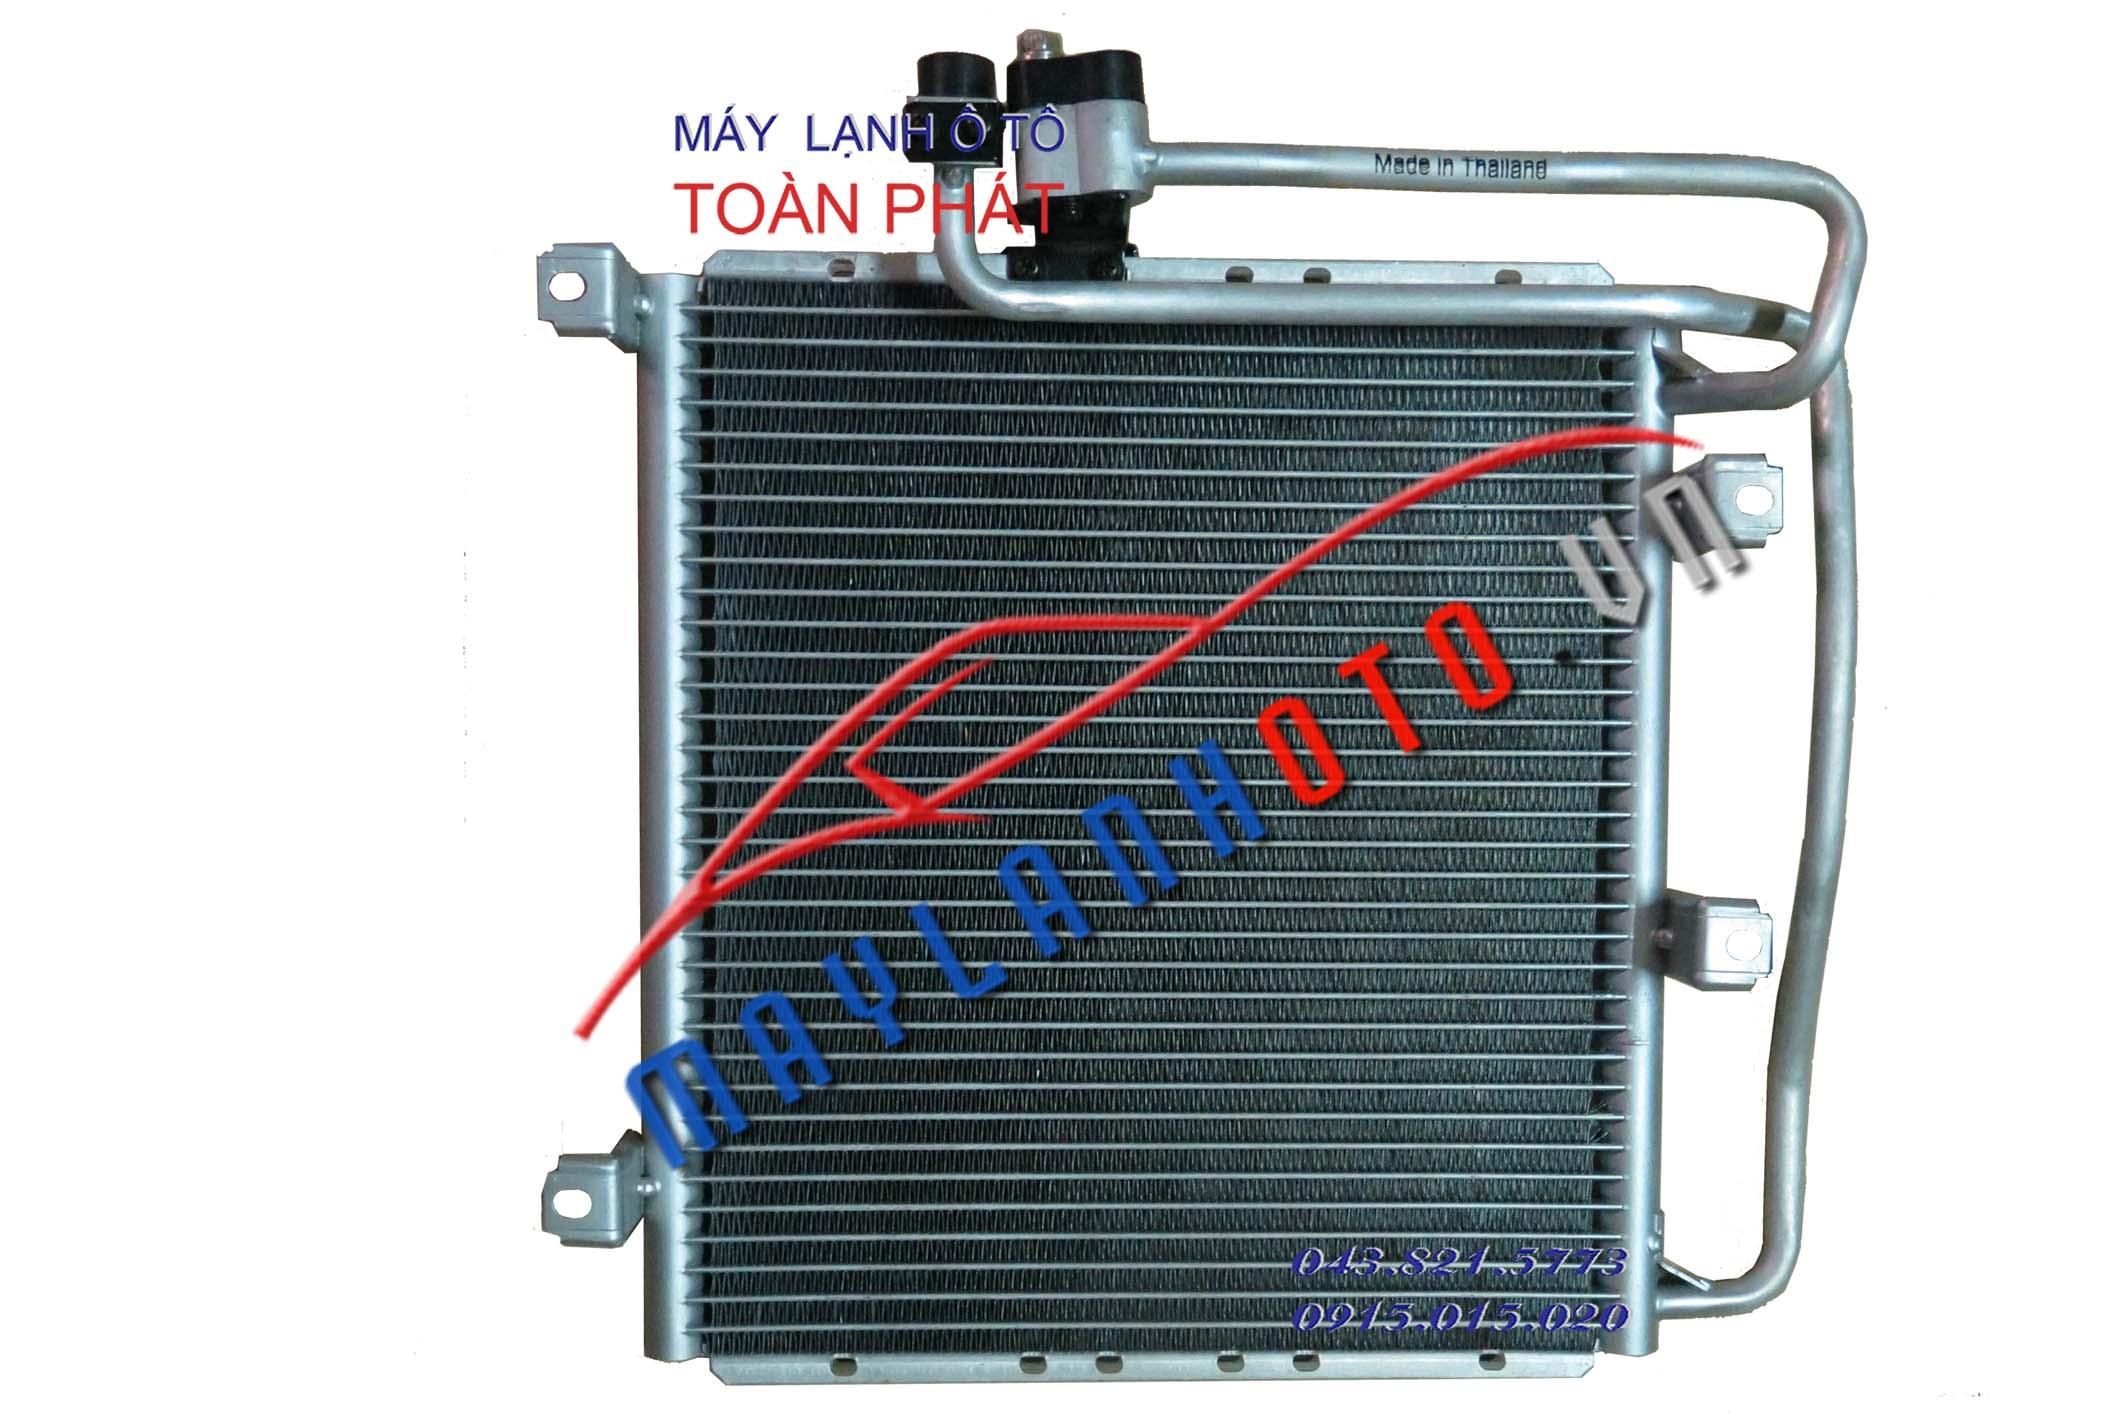 Sprinter (dàn phụ)) / Giàn nóng điều hòa Mercedes Sprinter / Dàn nóng điều hòa Mercedes Sprinter